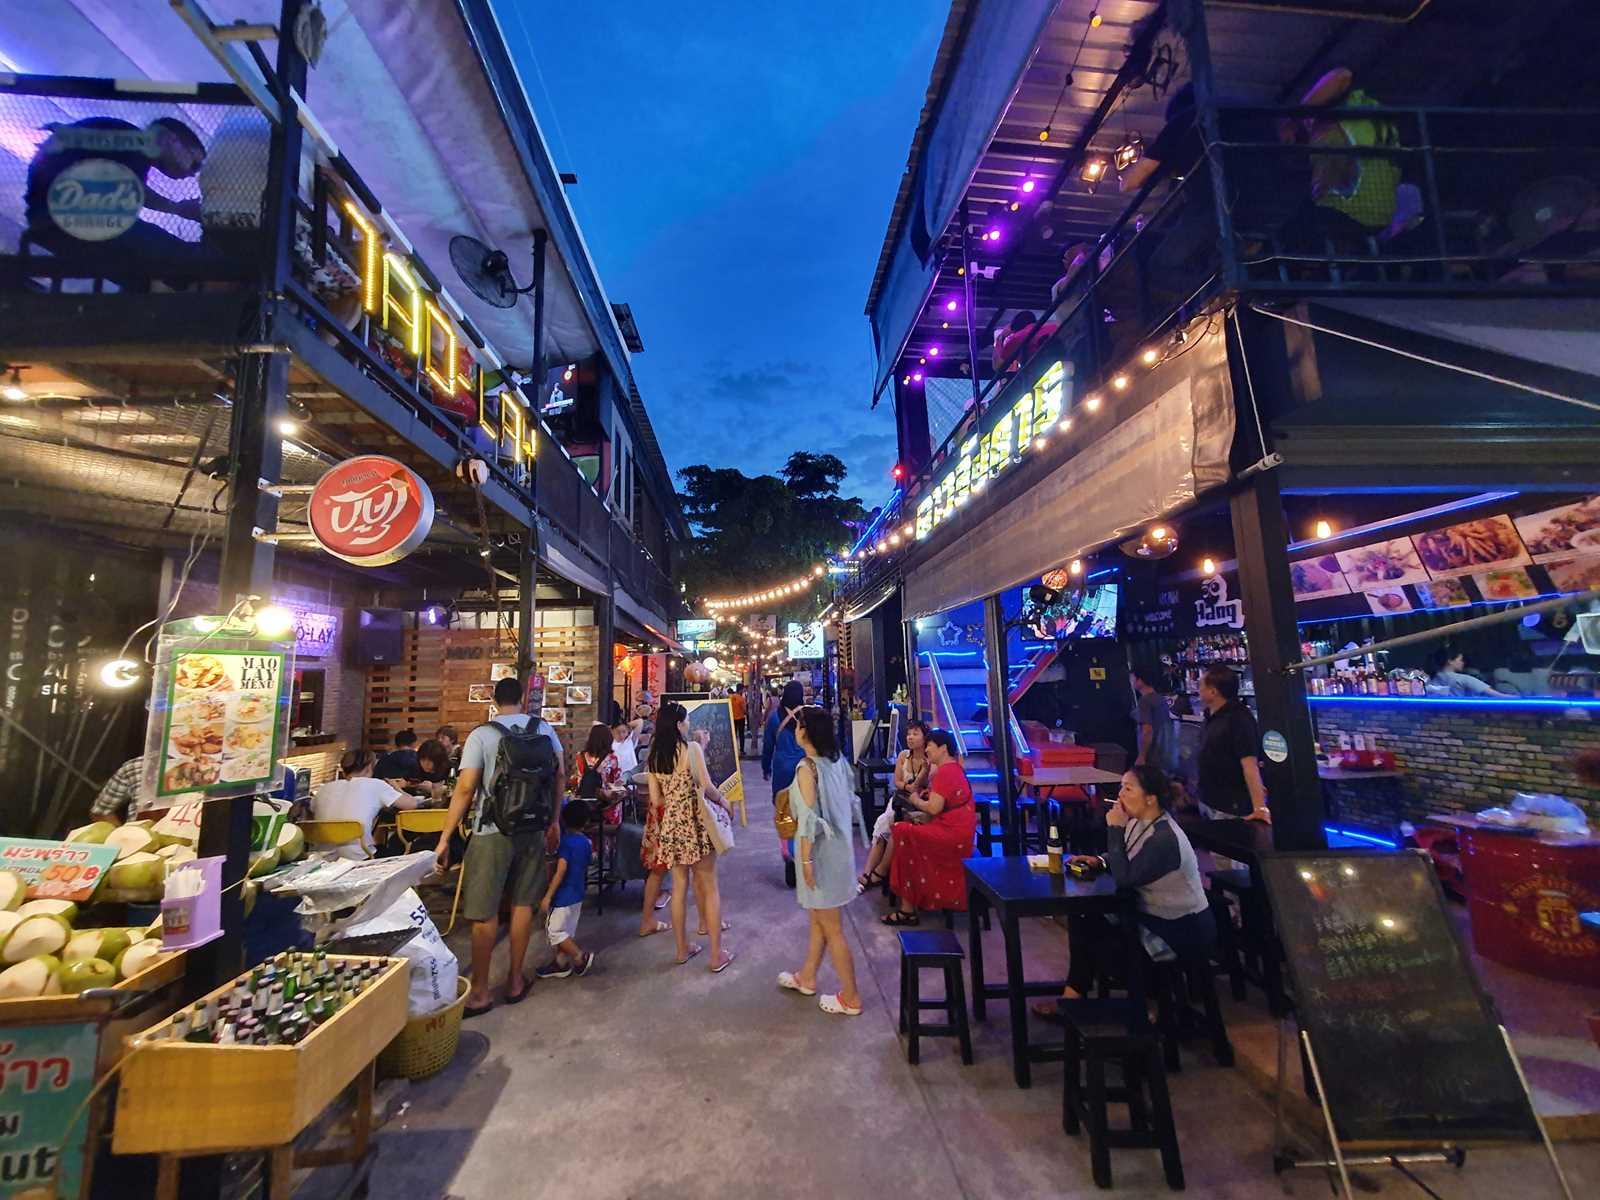 Chillva Market in Phuket Town, Ayurveda, Wellness, Yoga Retreats, Phuket Thailand, Mangosteen Ayurveda & Wellness Resort, Number 1 Ayurveda Resort in Thailand, Rawai, Phuket.